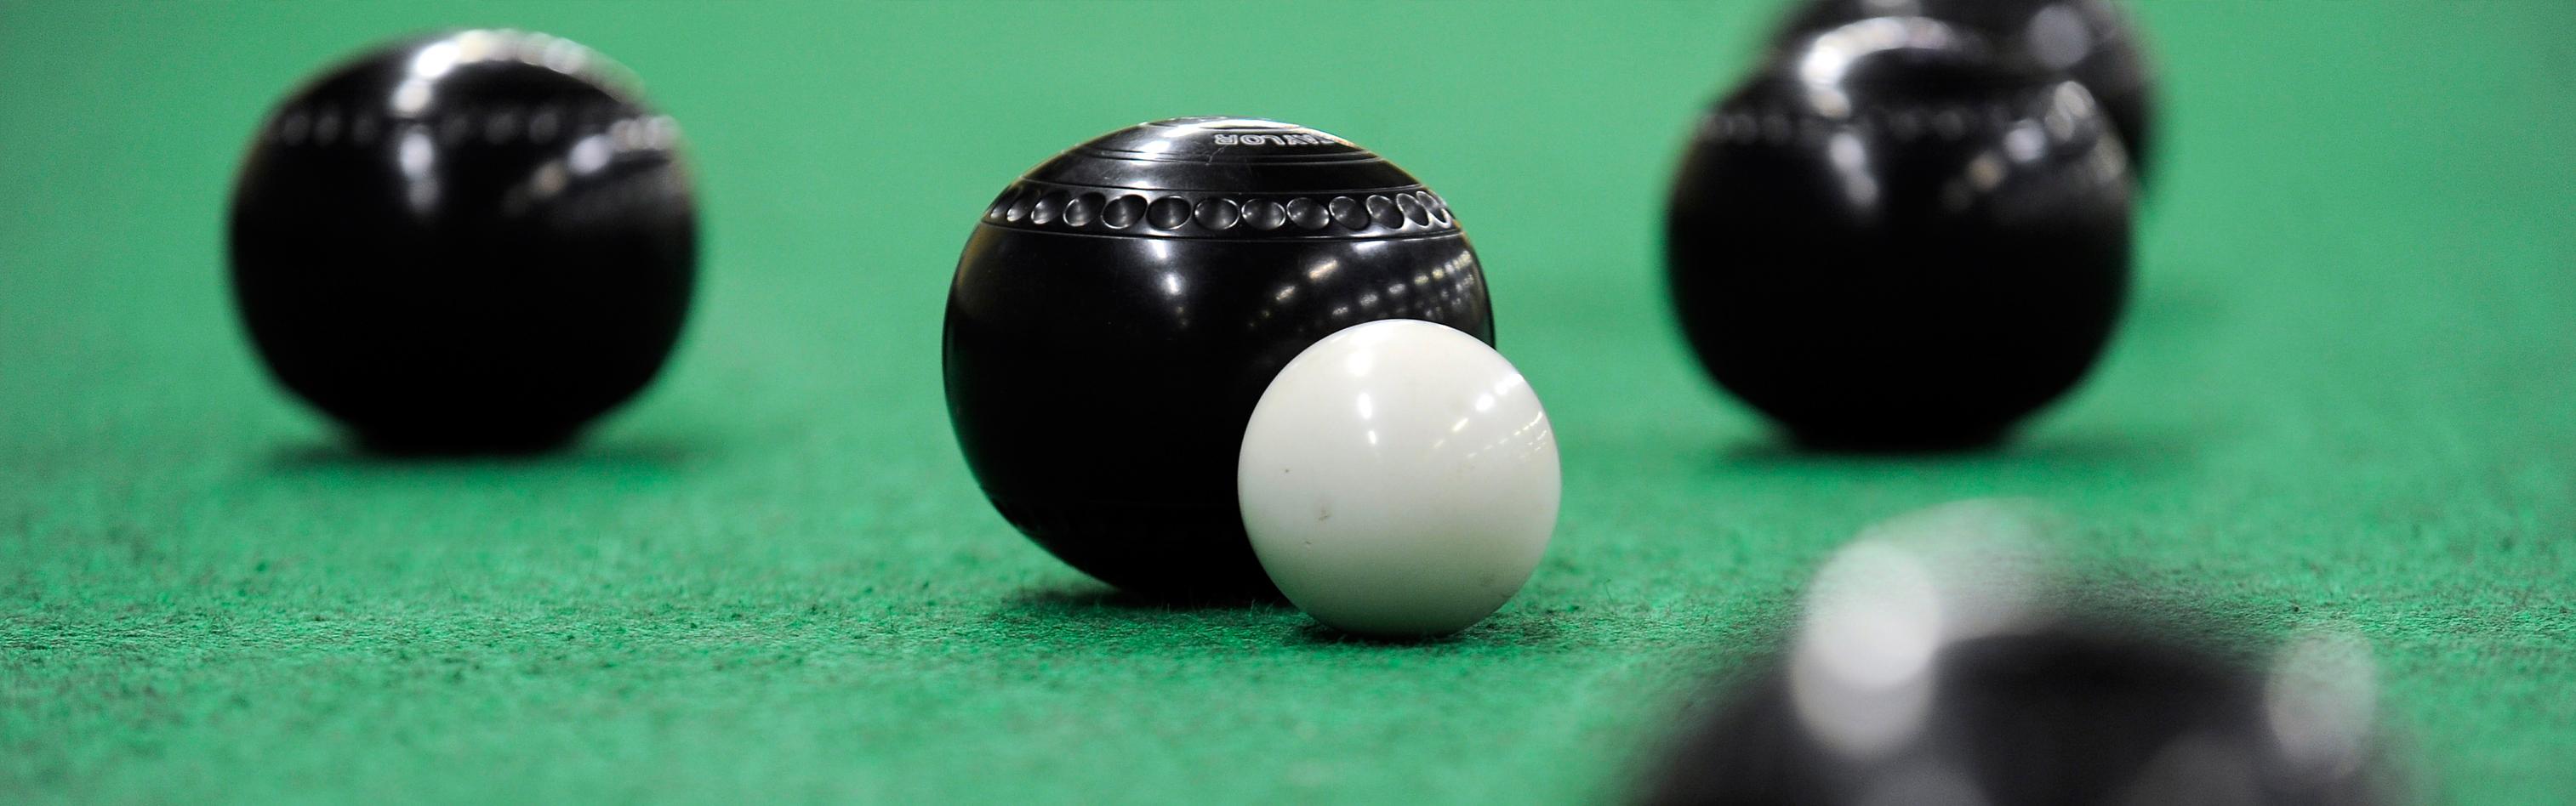 Indoor-Bowls-1